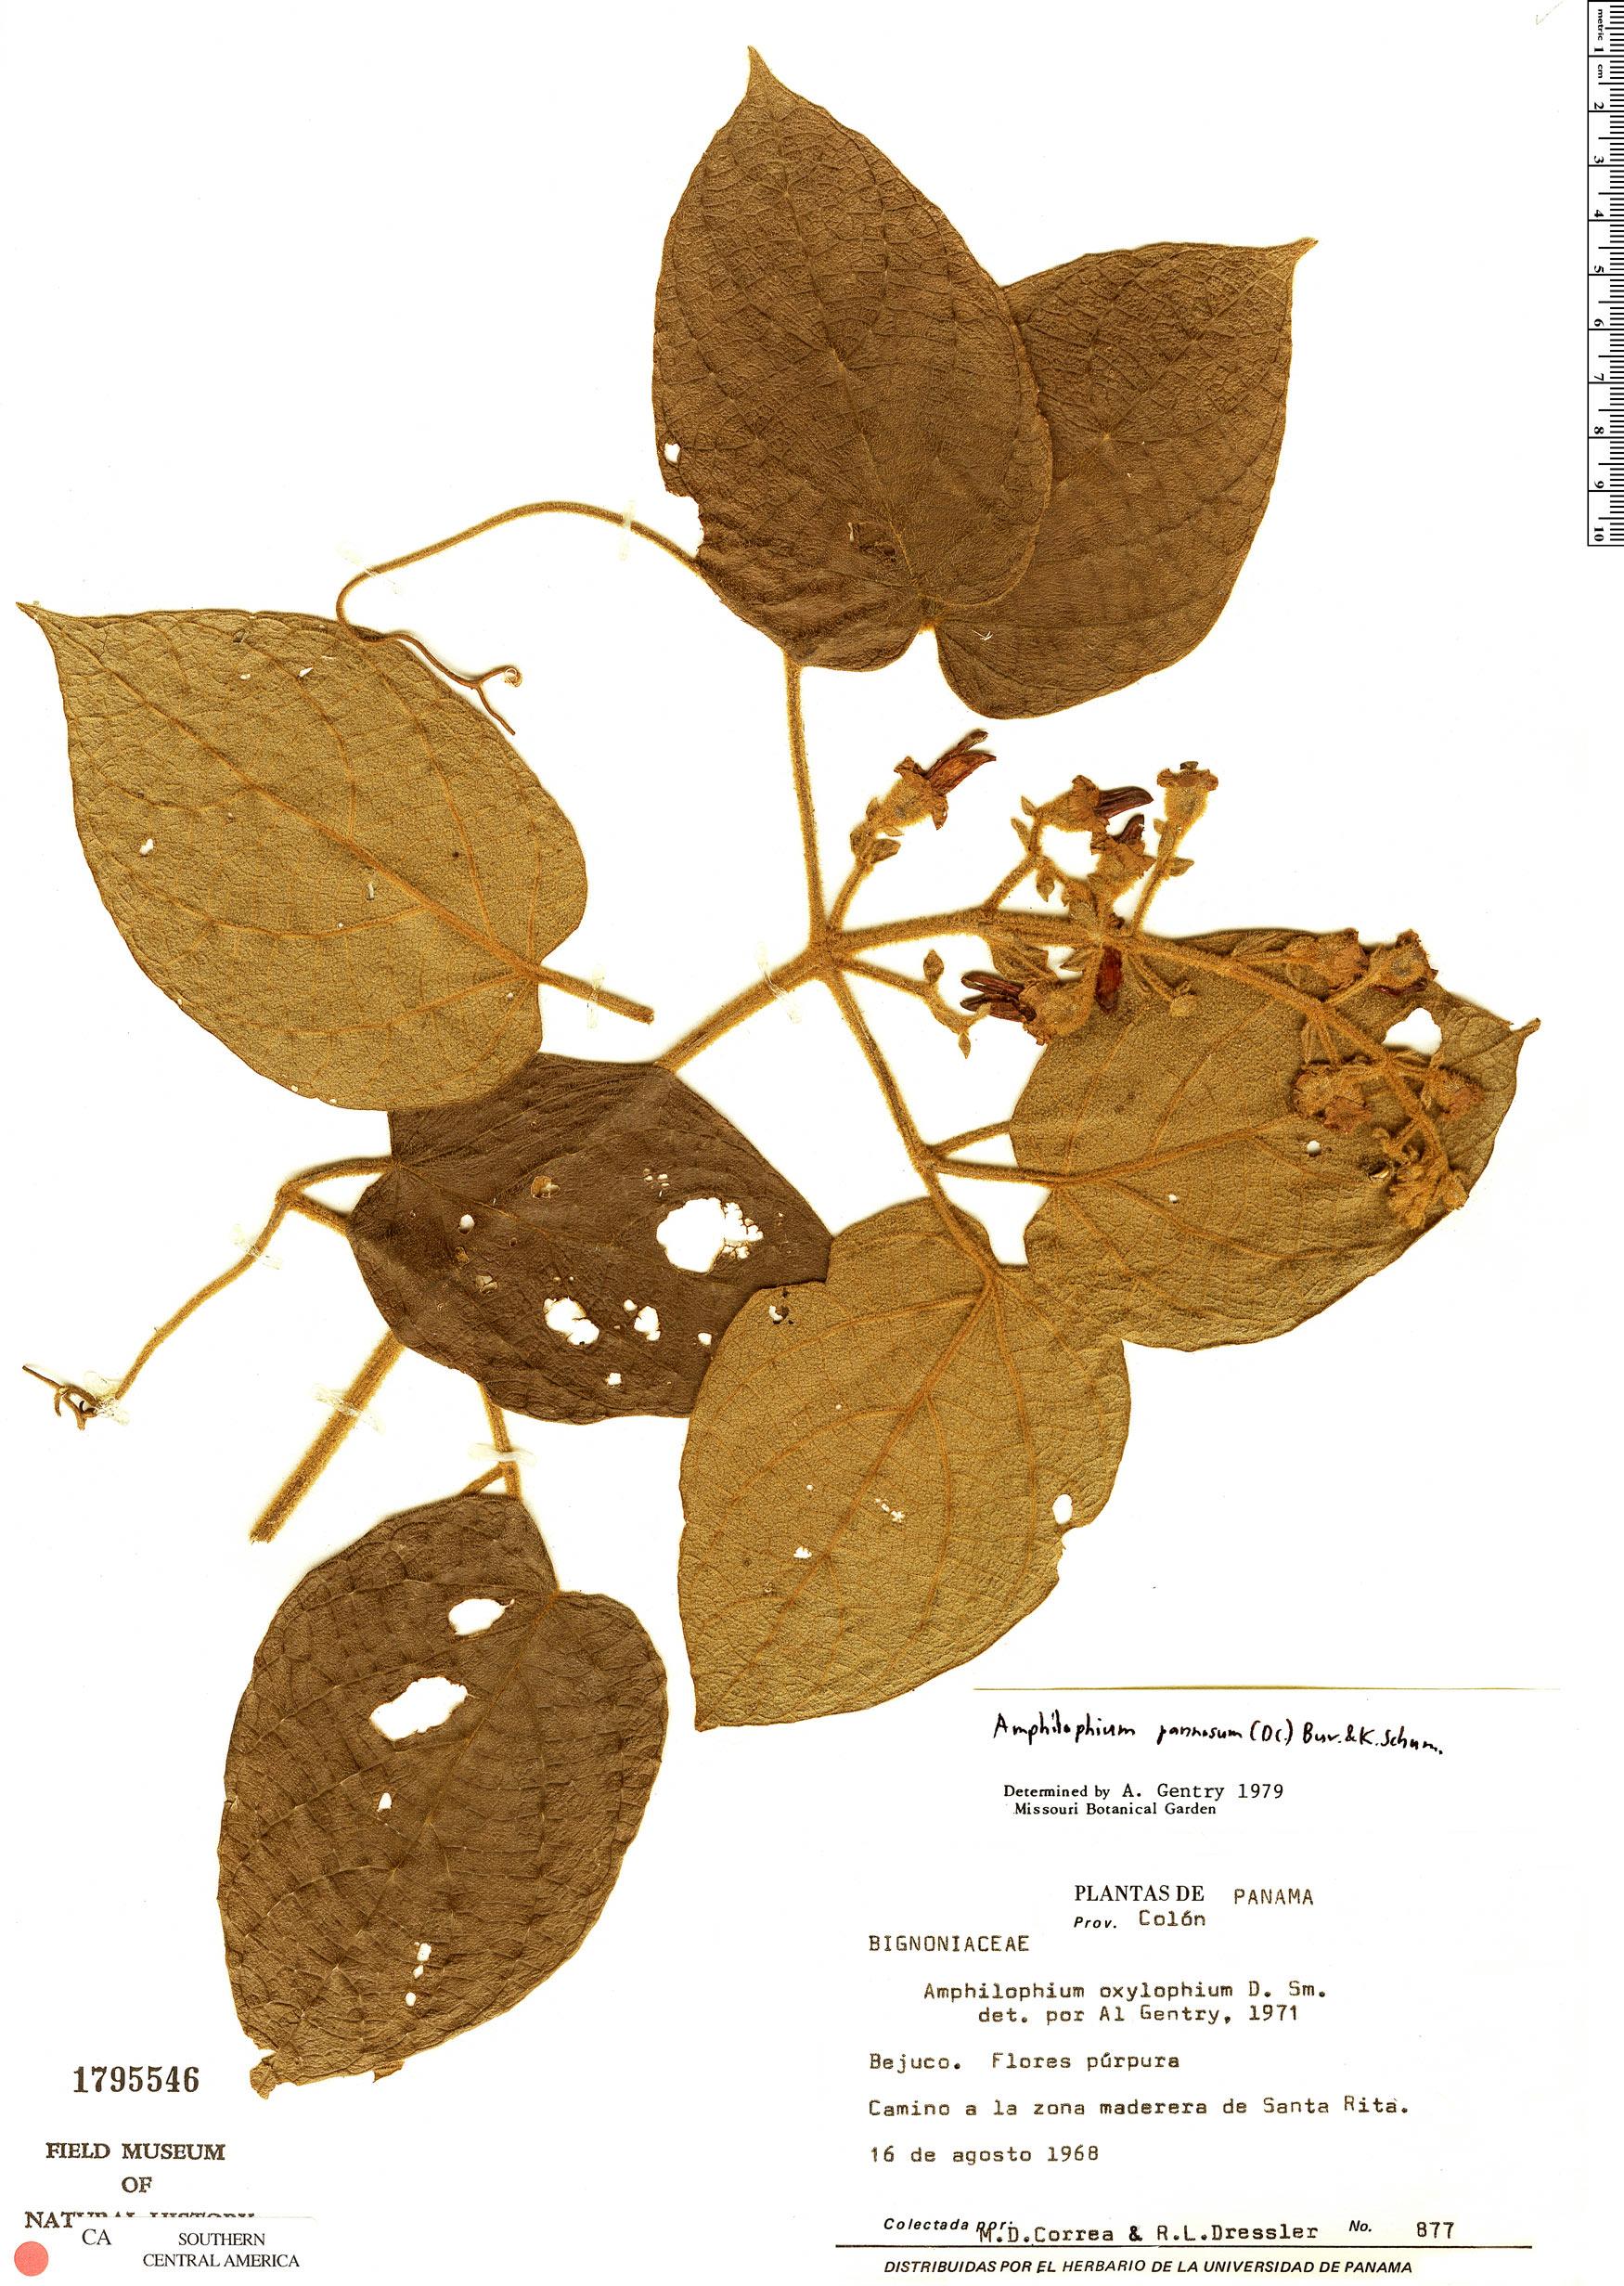 Specimen: Amphilophium pannosum